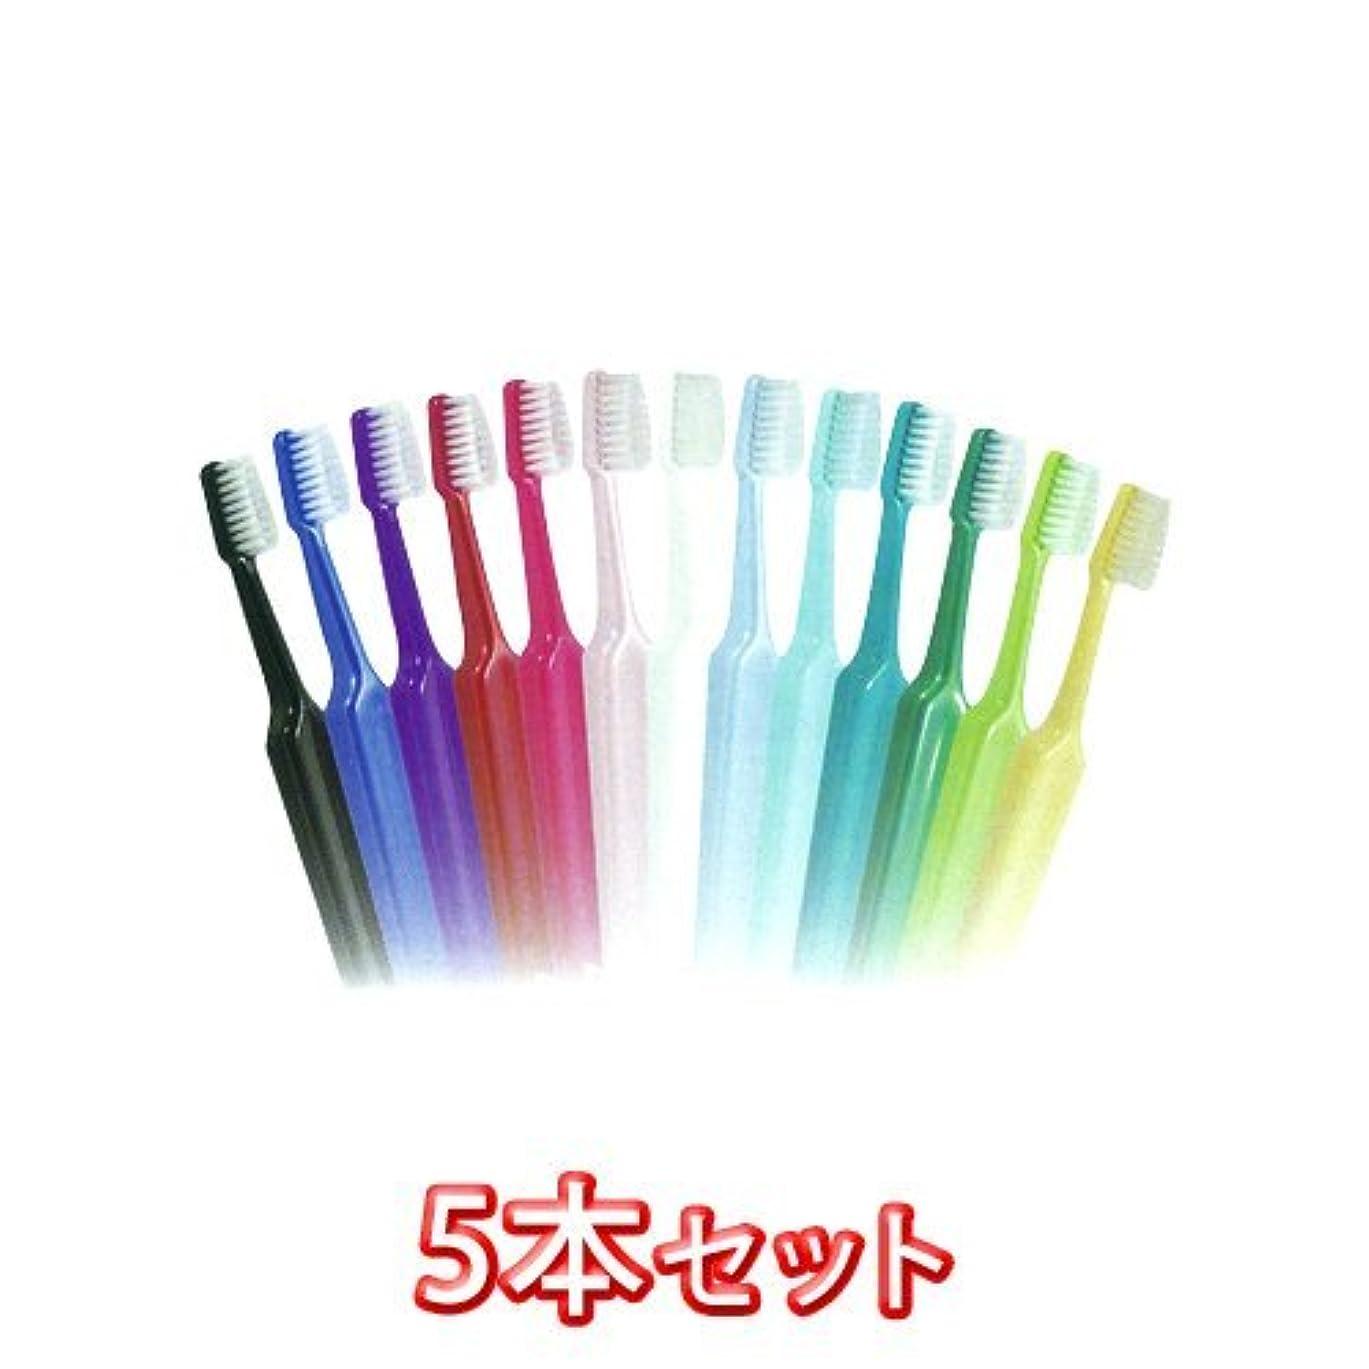 神話検証アルファベット順クロスフィールド TePe テペ セレクト 歯ブラシ 5本 (ソフト)